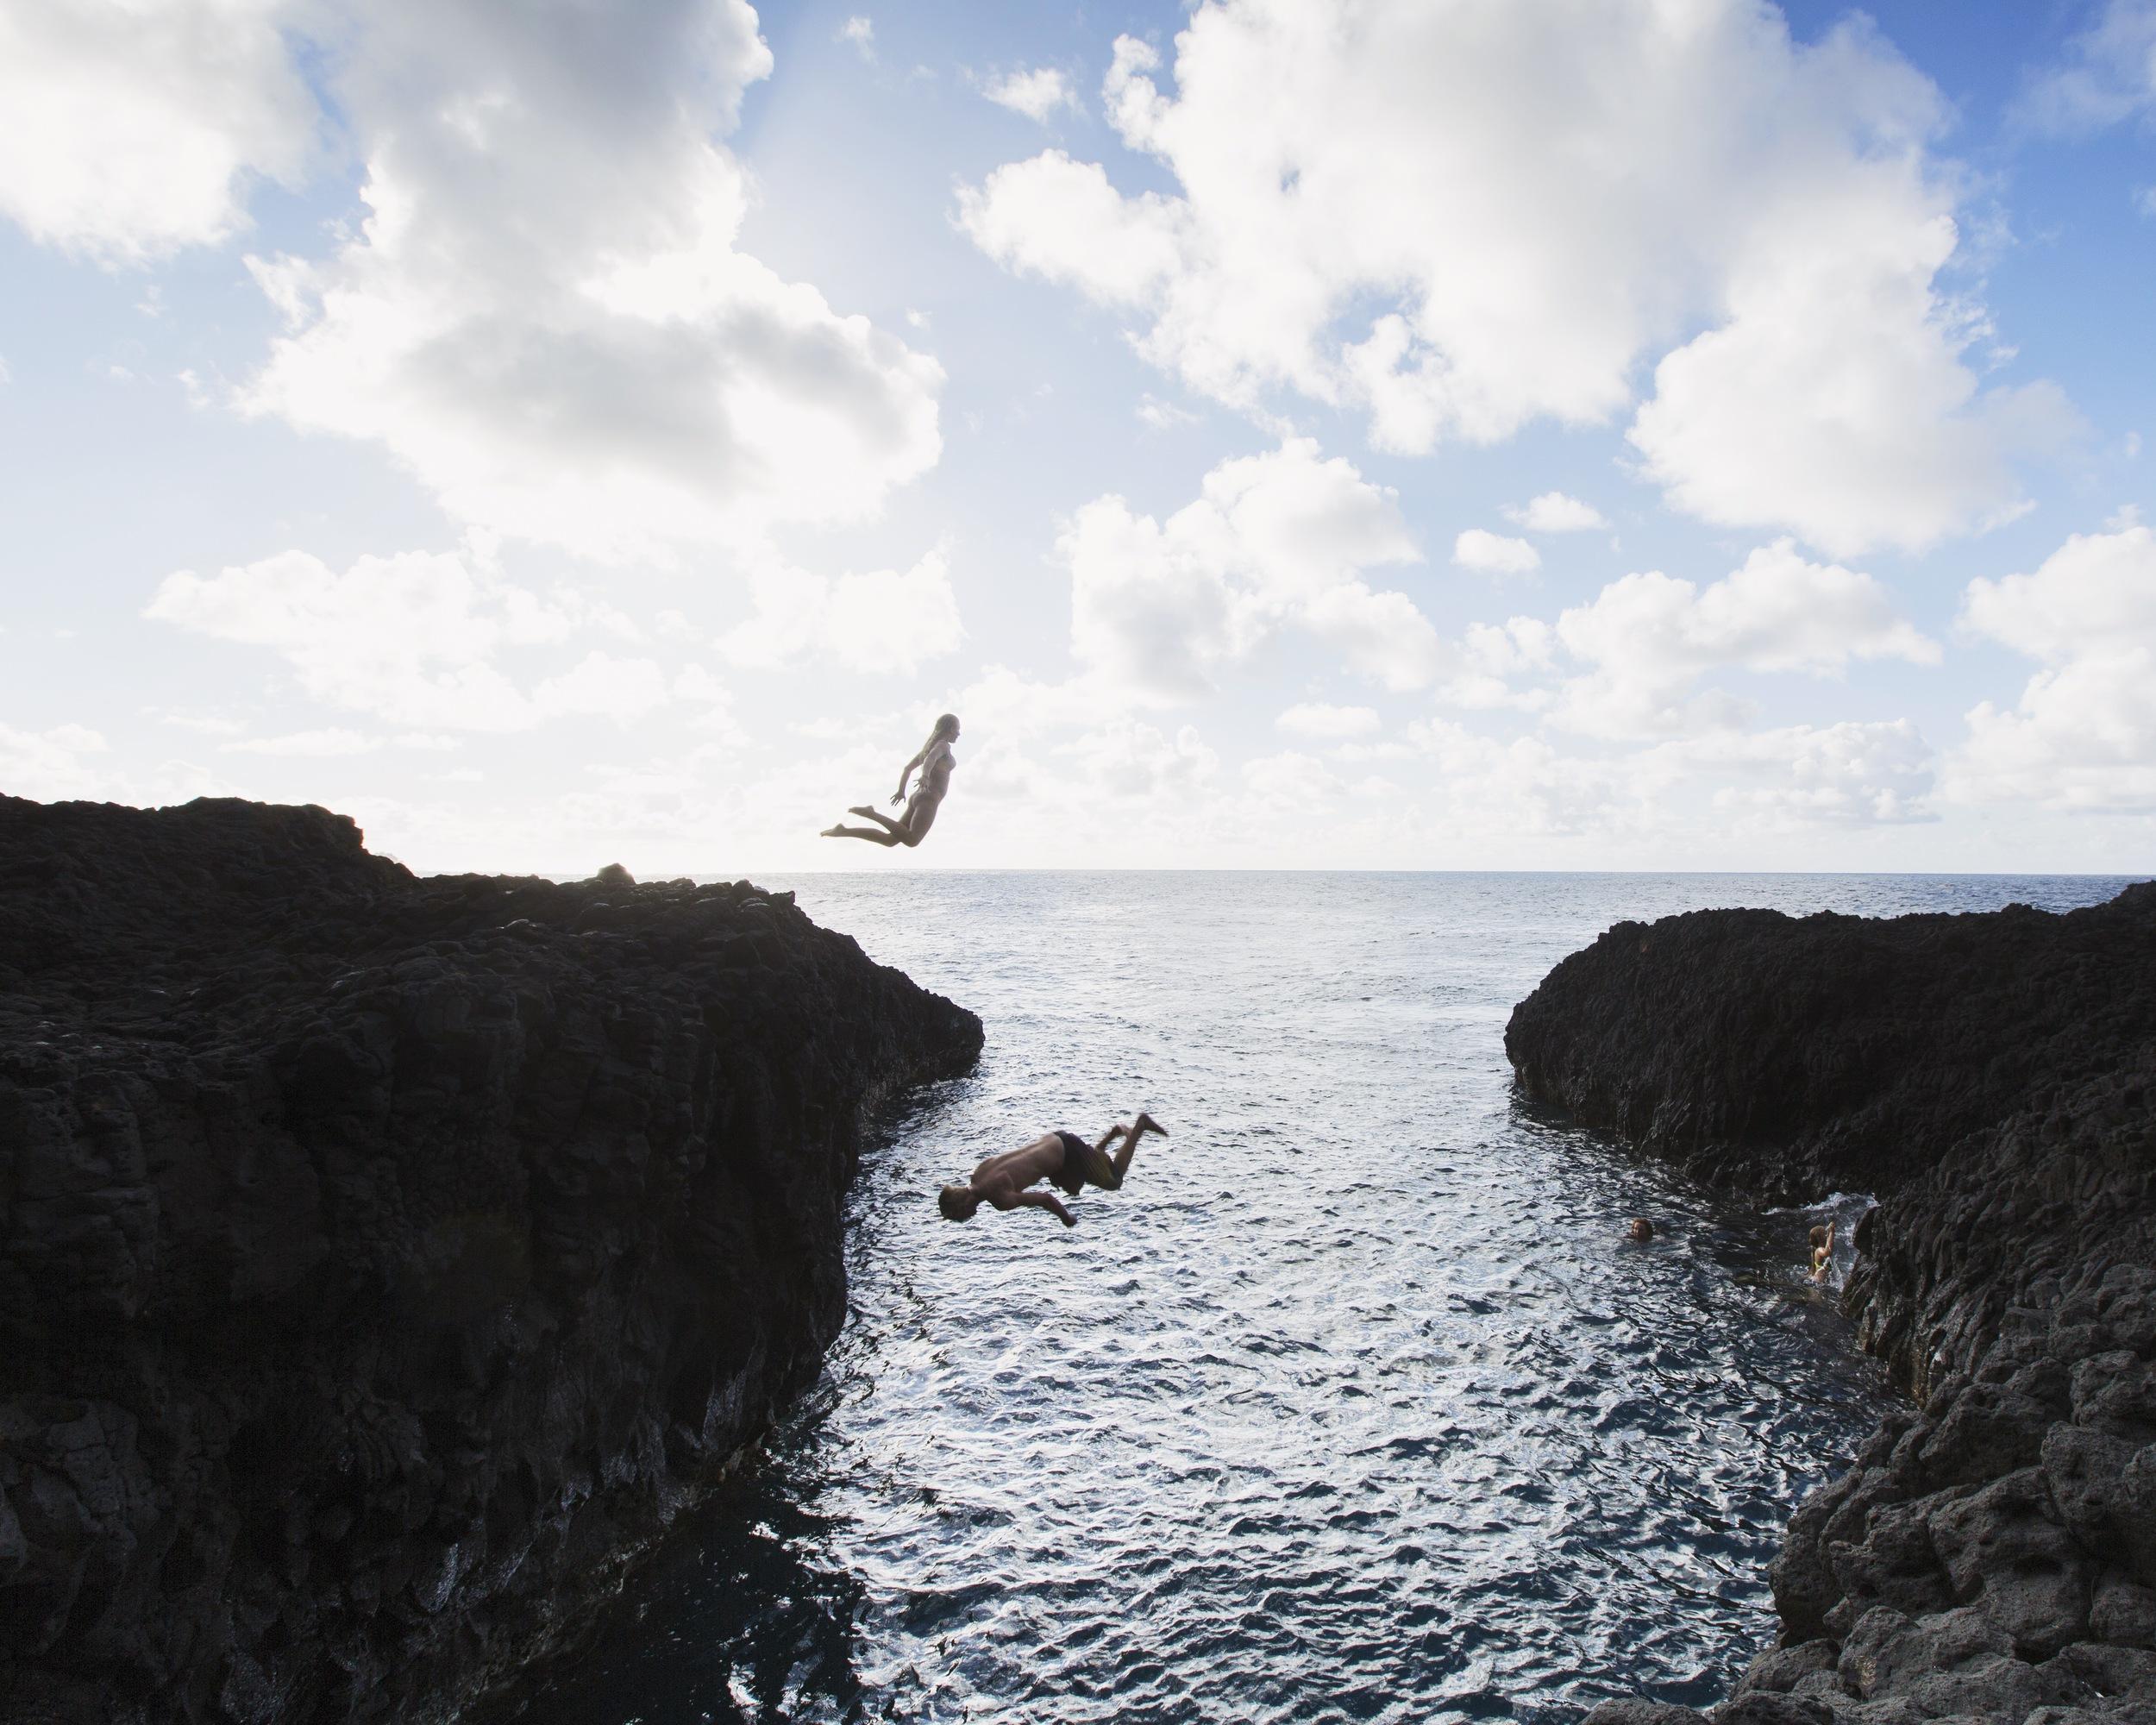 Kauai Jump - Pacific Ocean